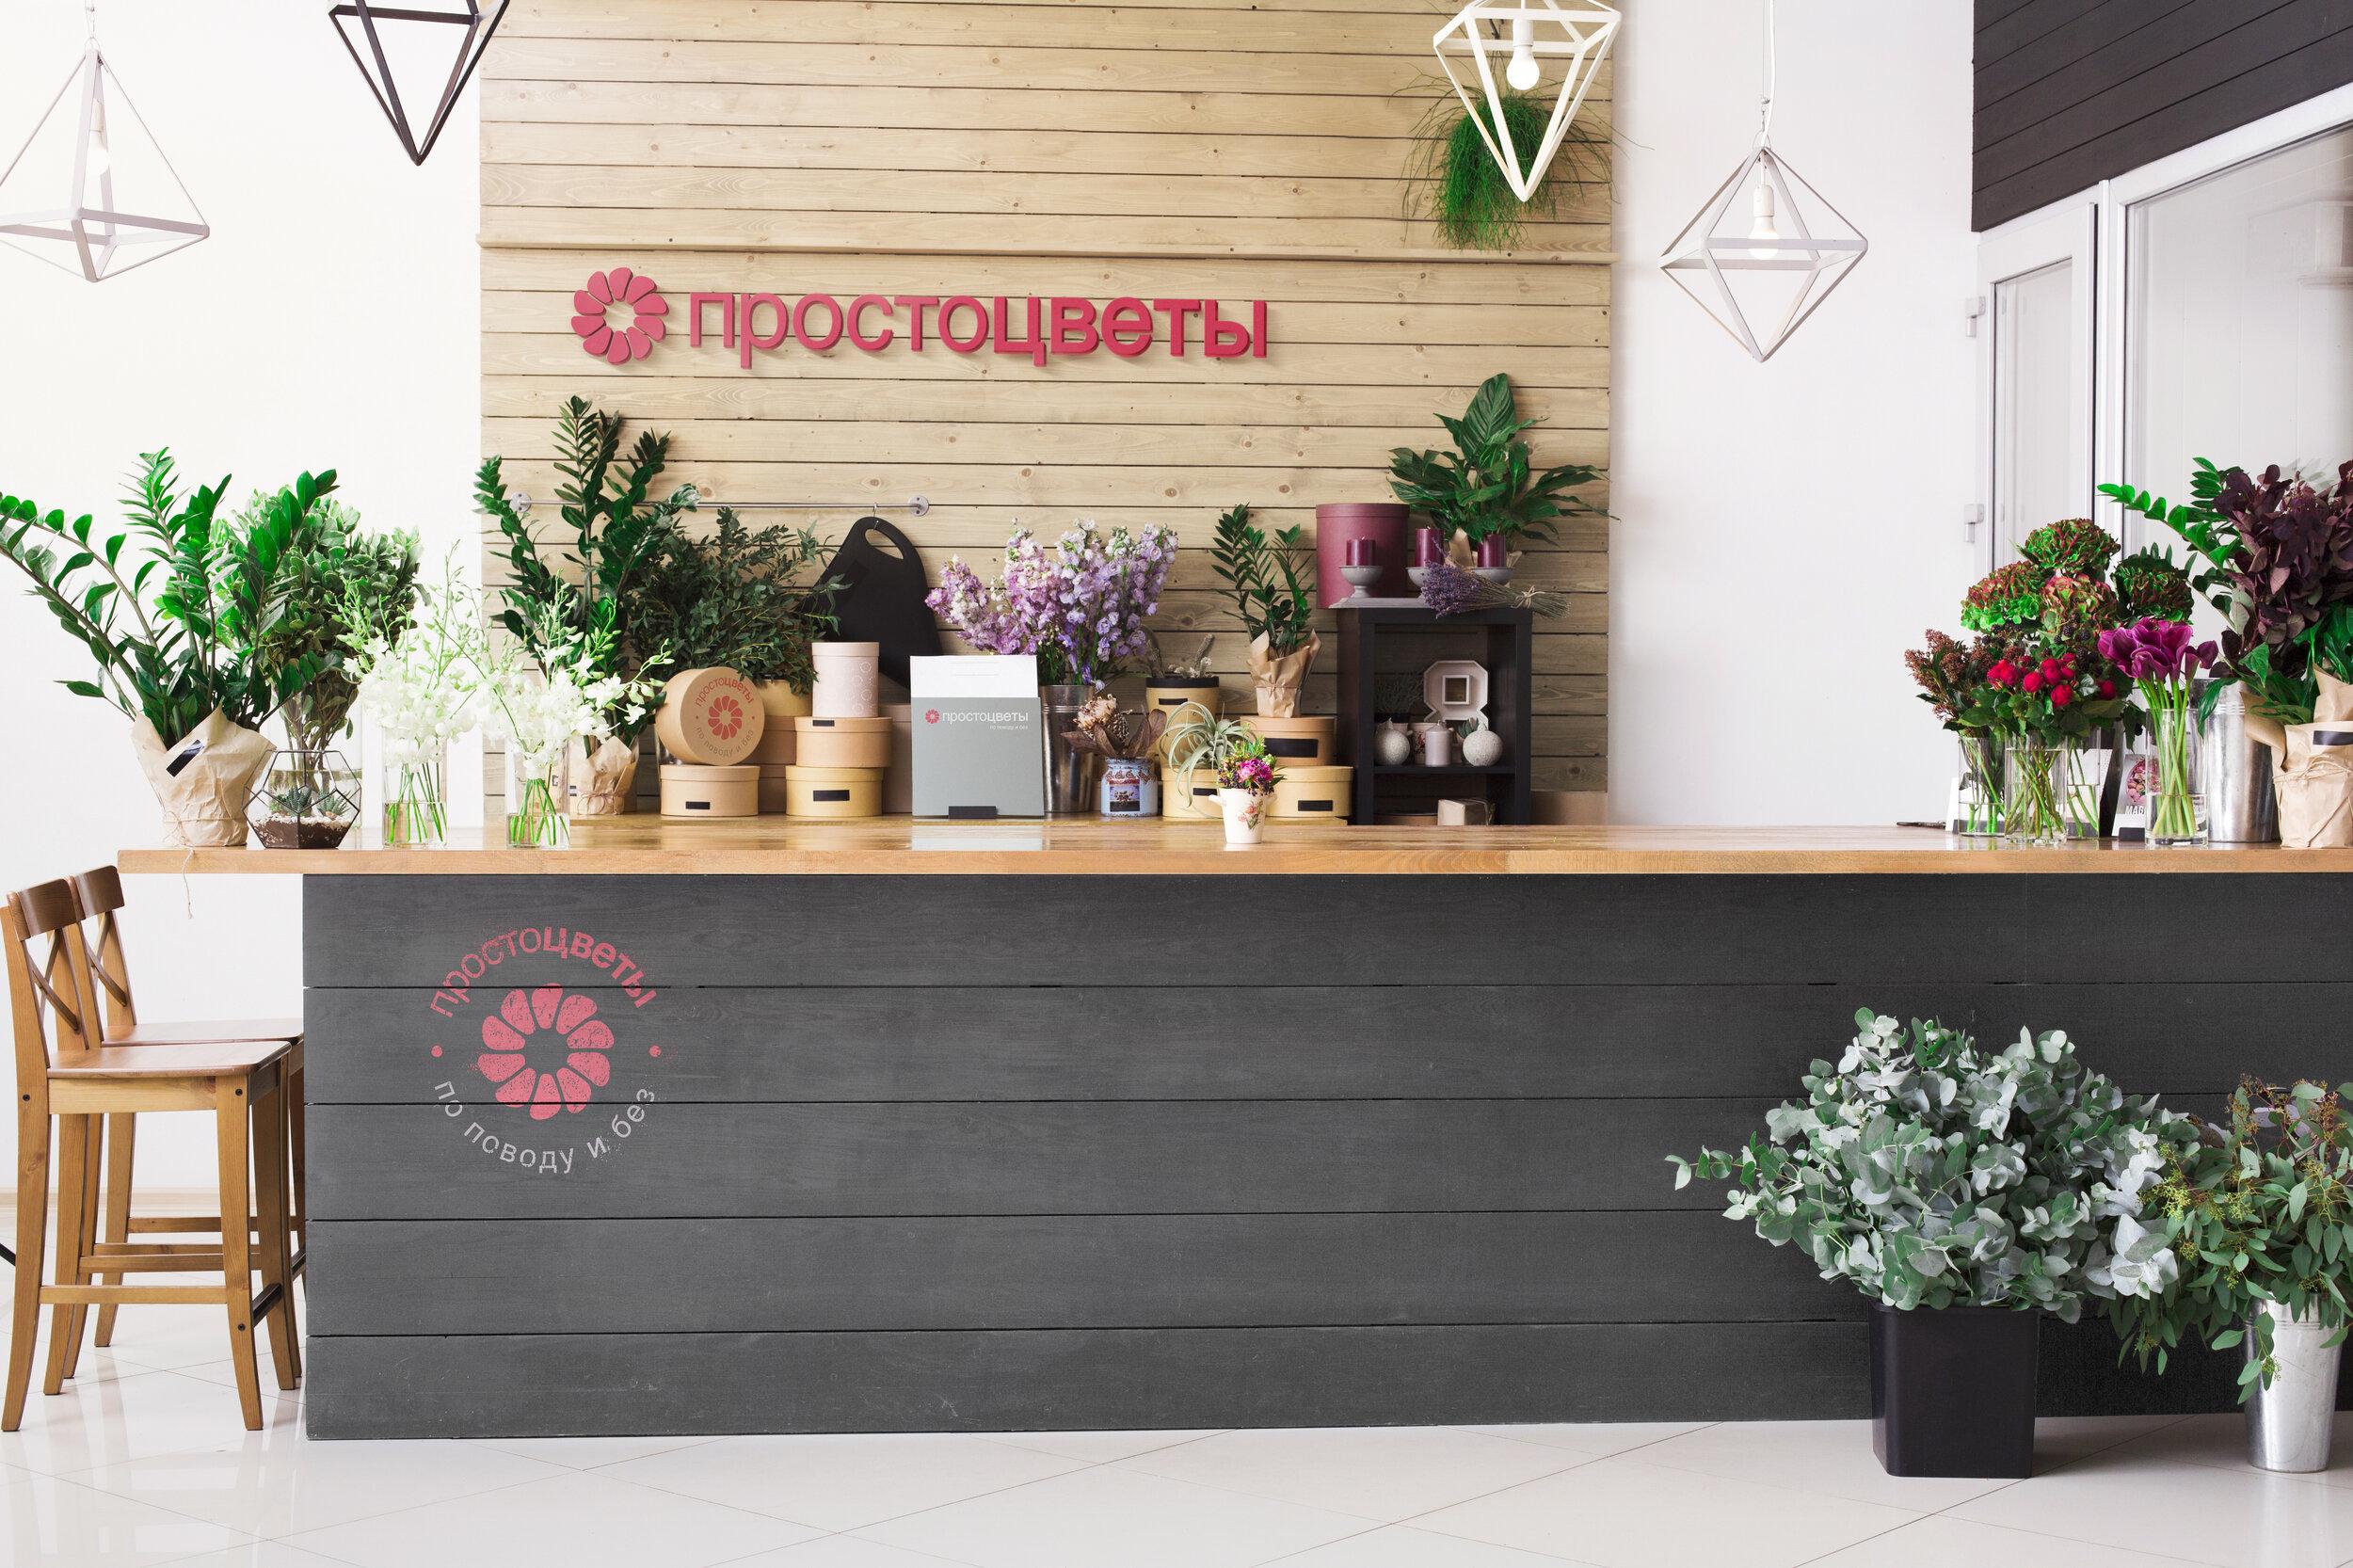 Федеральная сеть цветочных магазинов Простоцветы продает флористические букеты, срезанные цветы, комнатные растения, декор и подарки